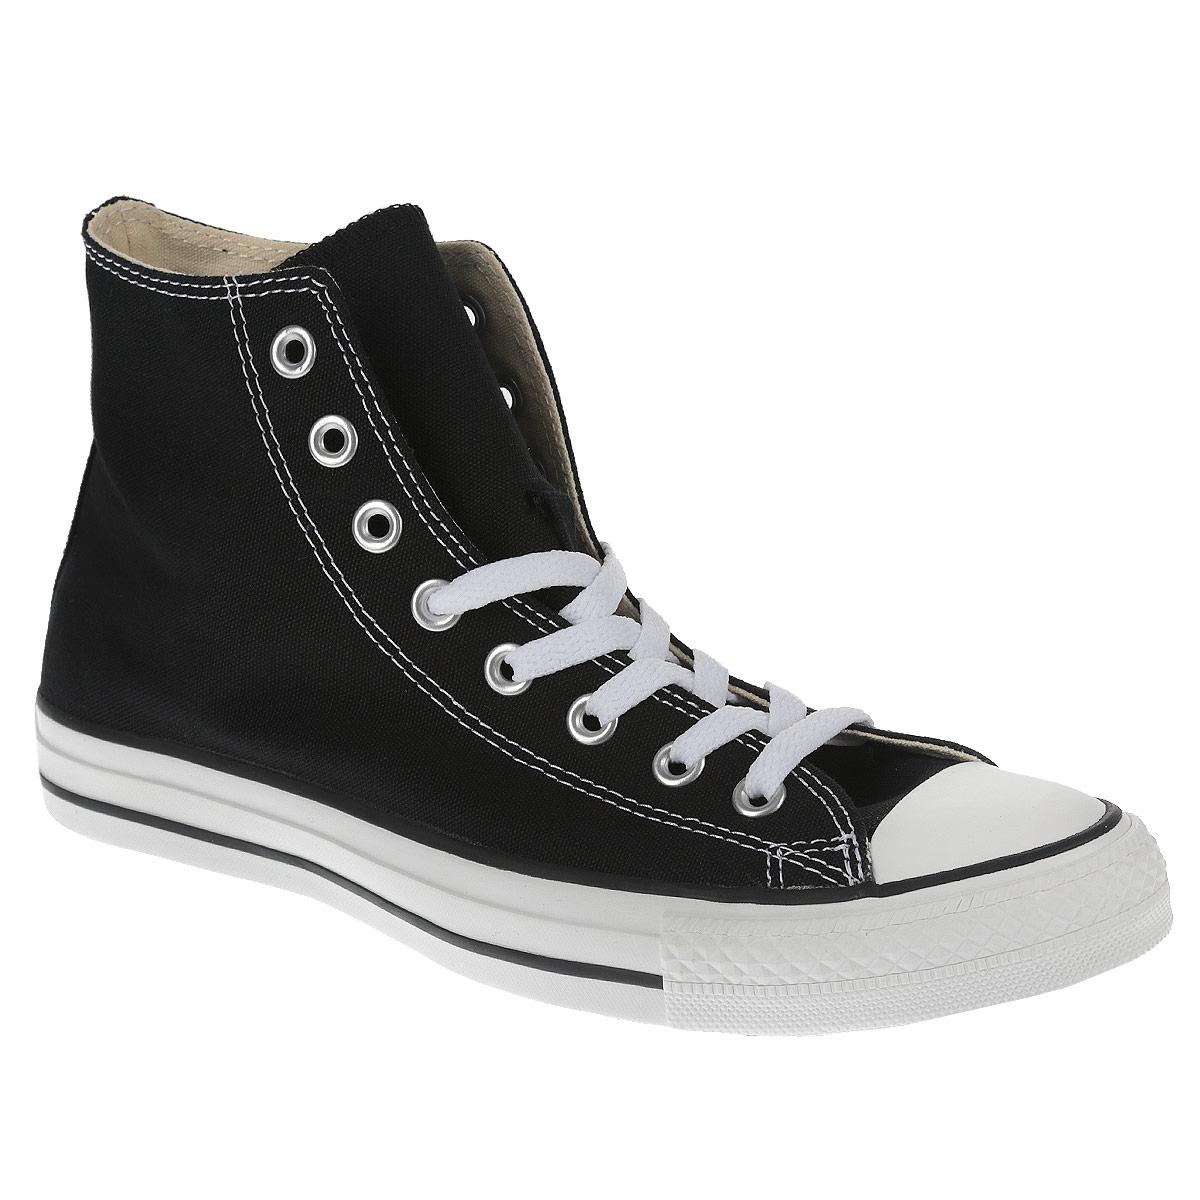 Кеды Converse Chuck Taylor All Star Core, цвет: черный. M9160. Размер 10 (44)M9160Высокие кеды Chuck Taylor All Star Core Hi от Converse займут достойное место среди вашей обуви.Модель выполнена из плотного текстиля и оформлена на одной из боковых сторон металлическими люверсами и фирменной термоаппликацией, на подошве - прорезиненной накладкой и контрастными полосками. Мыс изделия дополнен классической для кед прорезиненной вставкой. Классическая шнуровка обеспечивает надежную фиксацию обуви на ноге. Стелька из материала EVA с текстильной поверхностью комфортна при движении. Гибкая резиновая подошва с рифлением гарантирует идеальное сцепление с любыми поверхностями. В таких кедах вашим ногам будет комфортно и уютно.